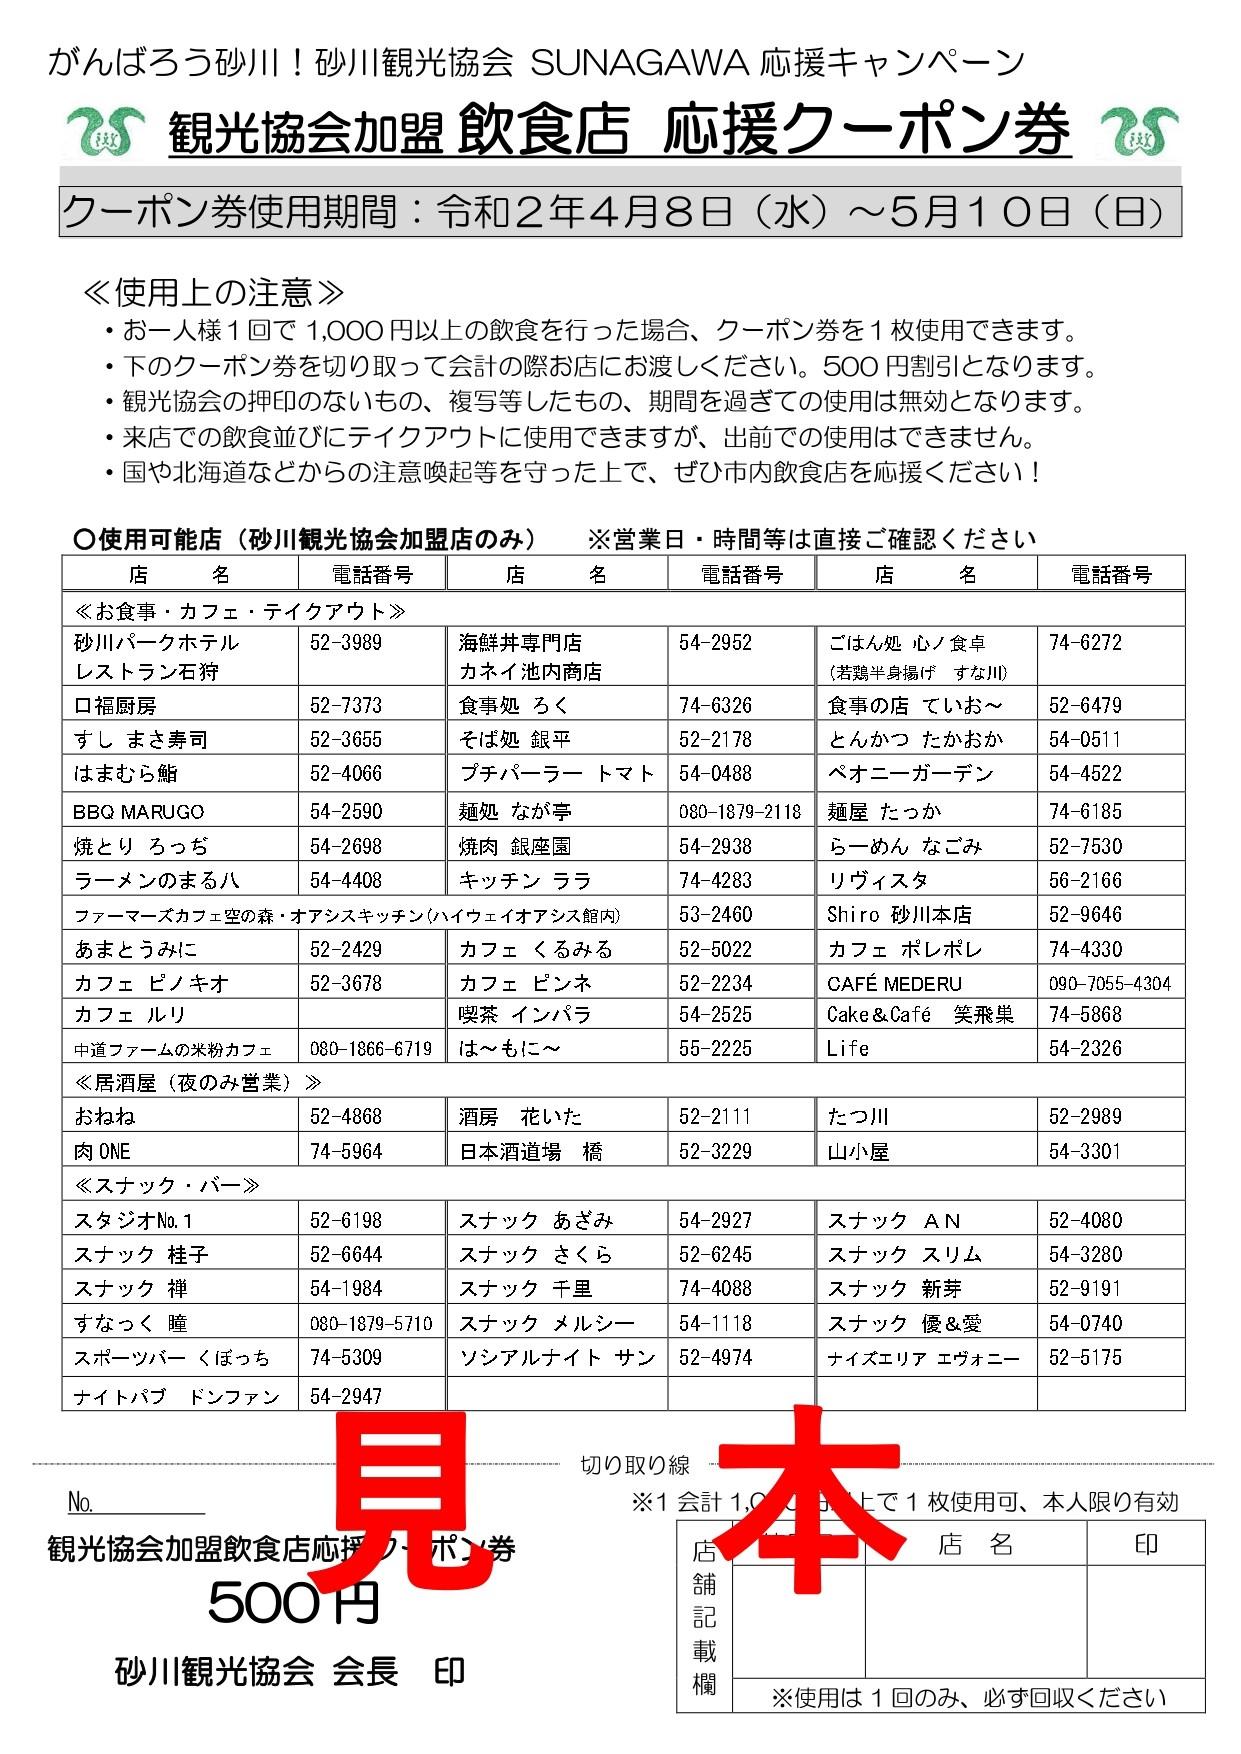 がんばろう砂川!砂川観光協会 SUNAGAWA応援キャンペーン!!観光協会加盟飲食店応援クーポン券 配布終了しました!!のポスター